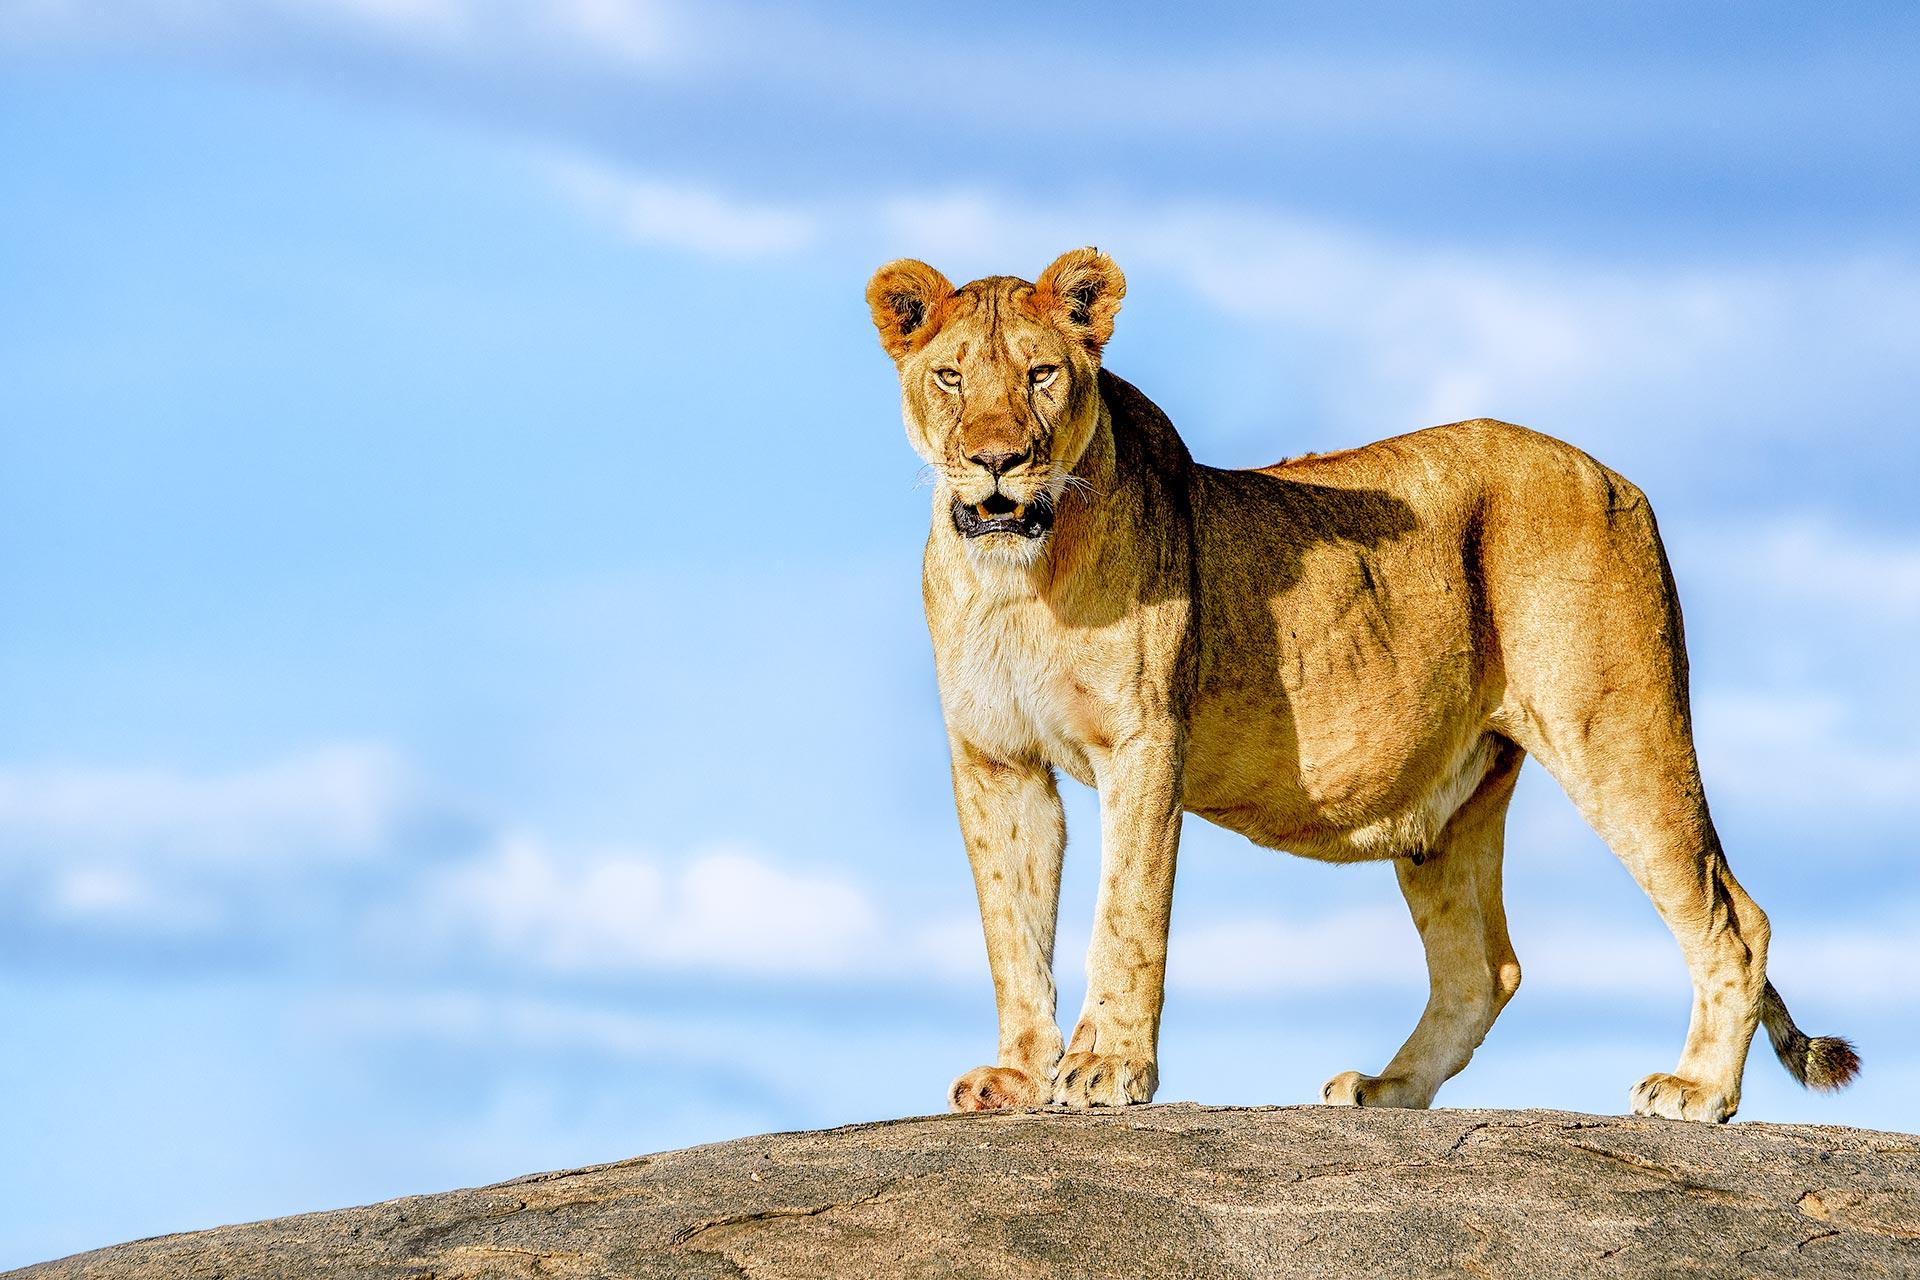 Löwin auf einem Felsen in der Serengeti auf einer Fotoreise mit Benny Rebel Fotosafaris GmbH fotografiert.